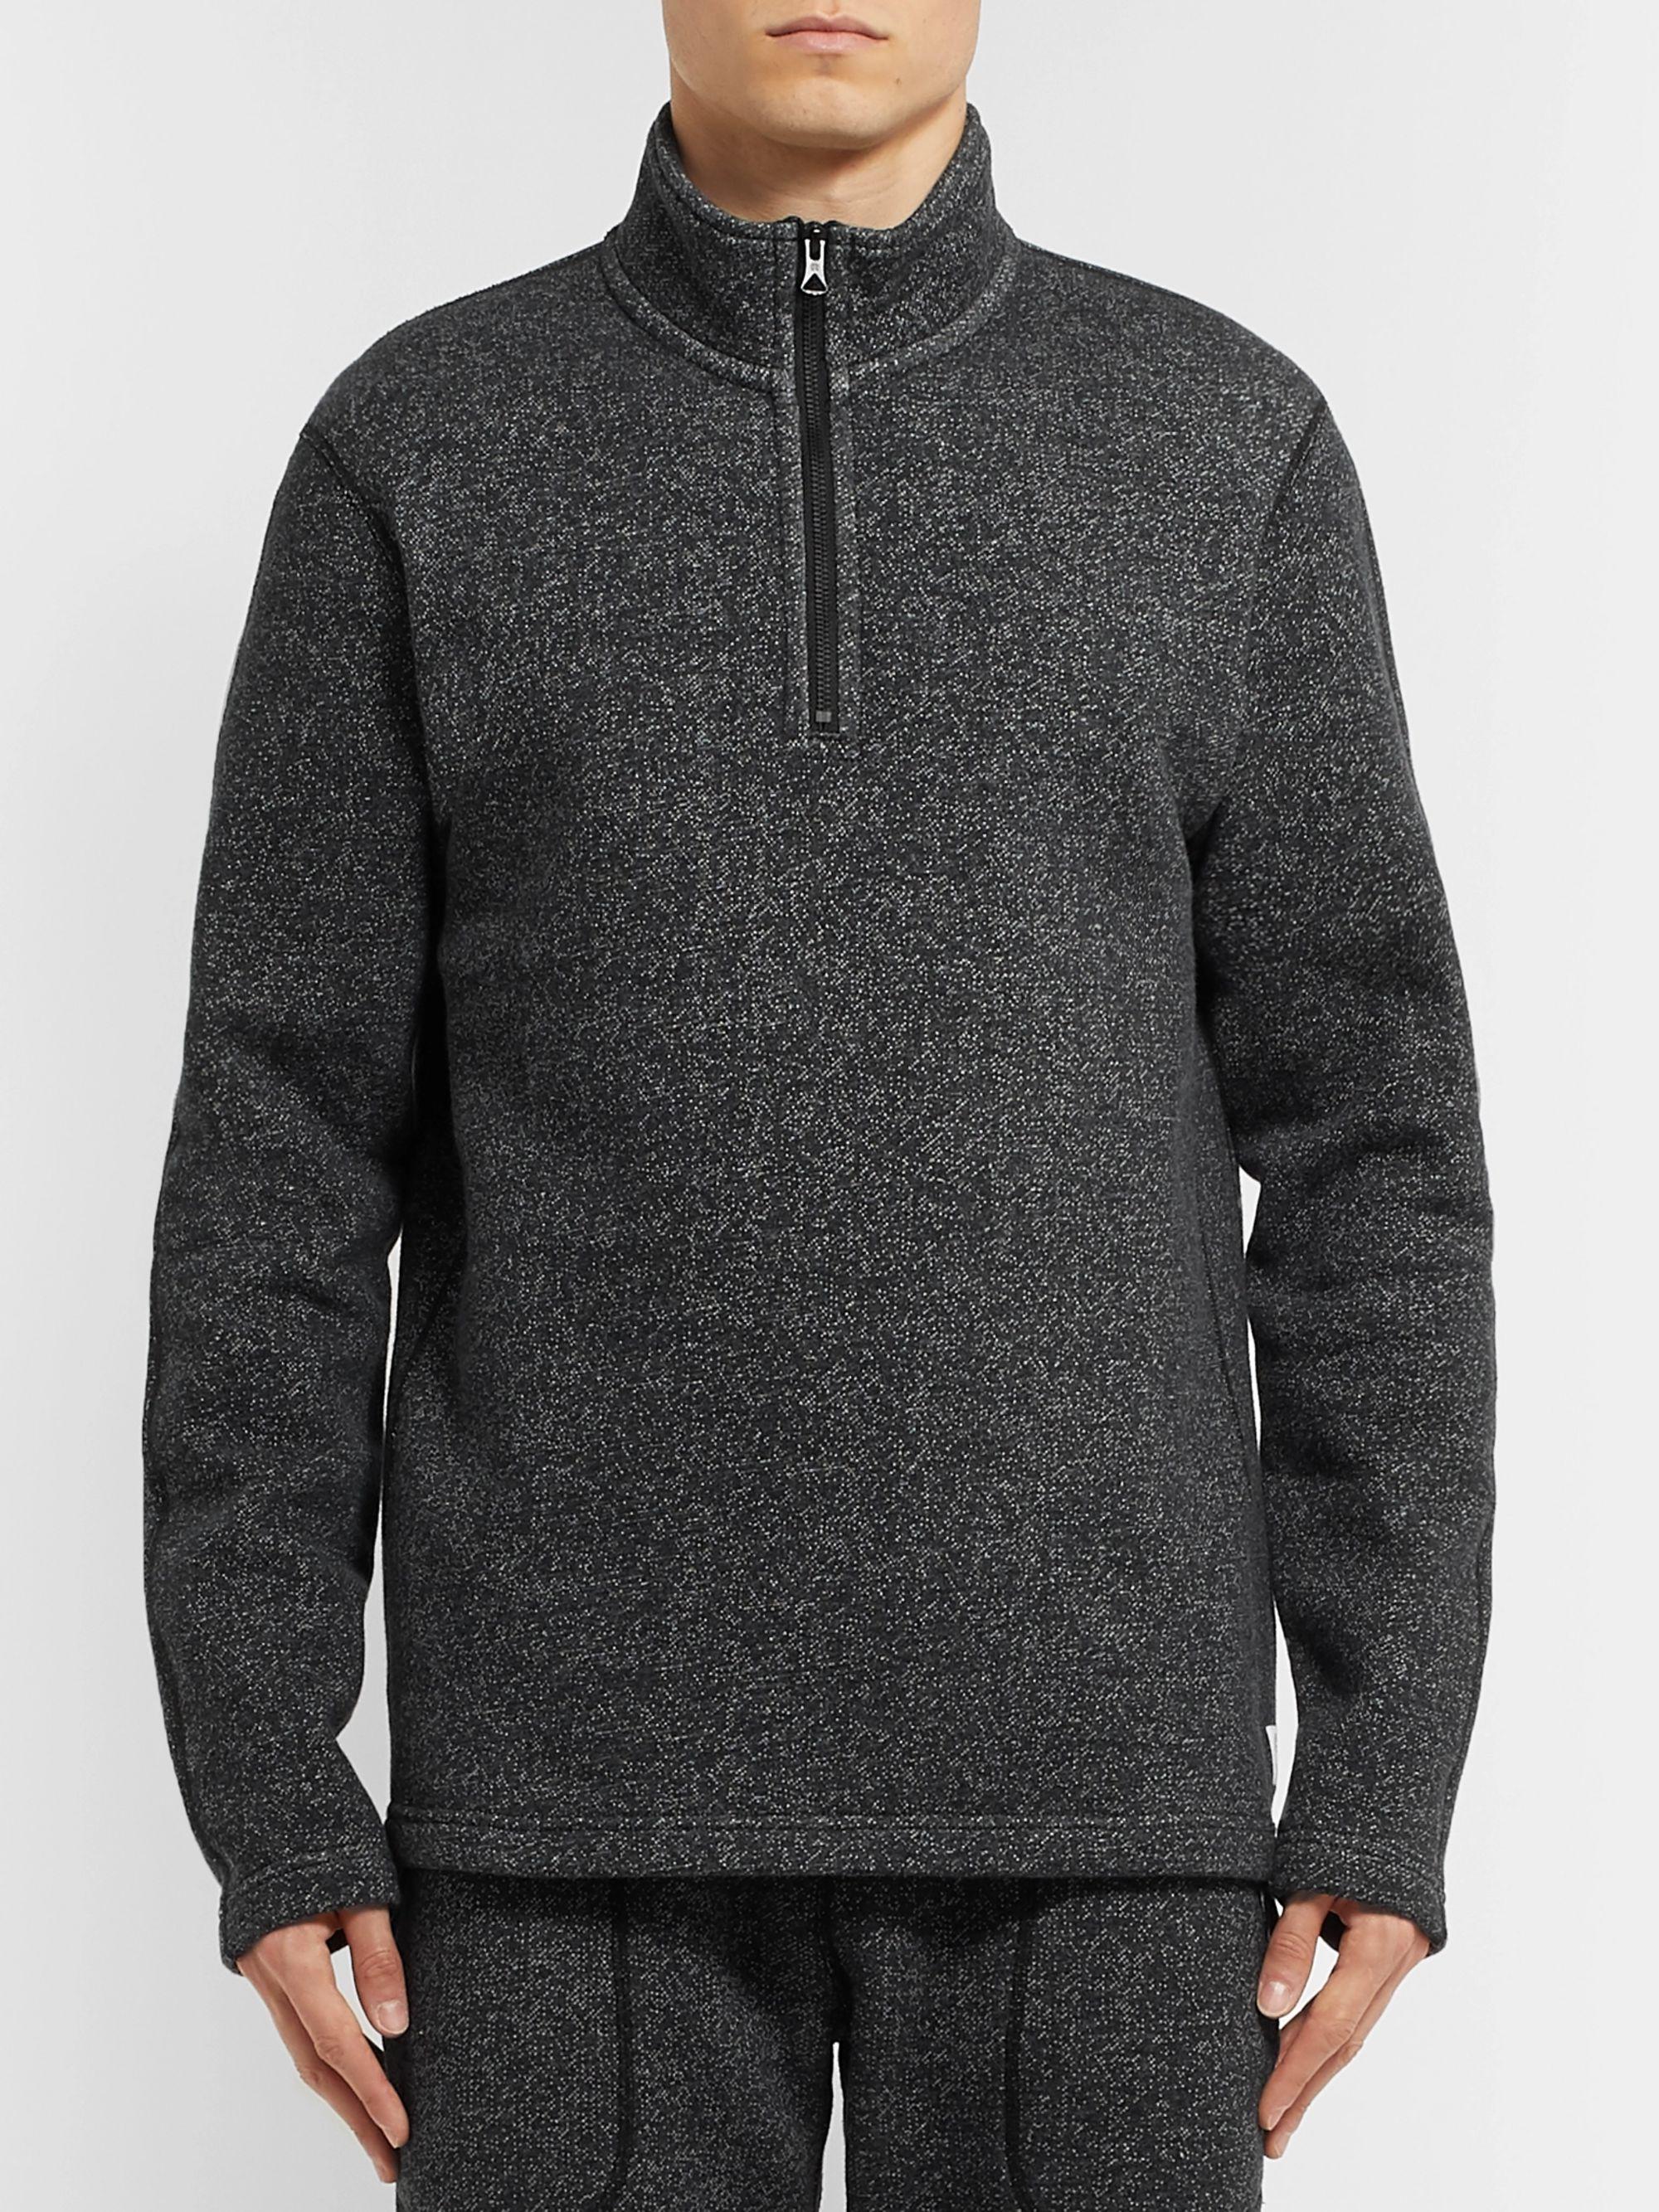 Mélange Fleece Back Cotton Blend Jersey Half Zip Sweatshirt